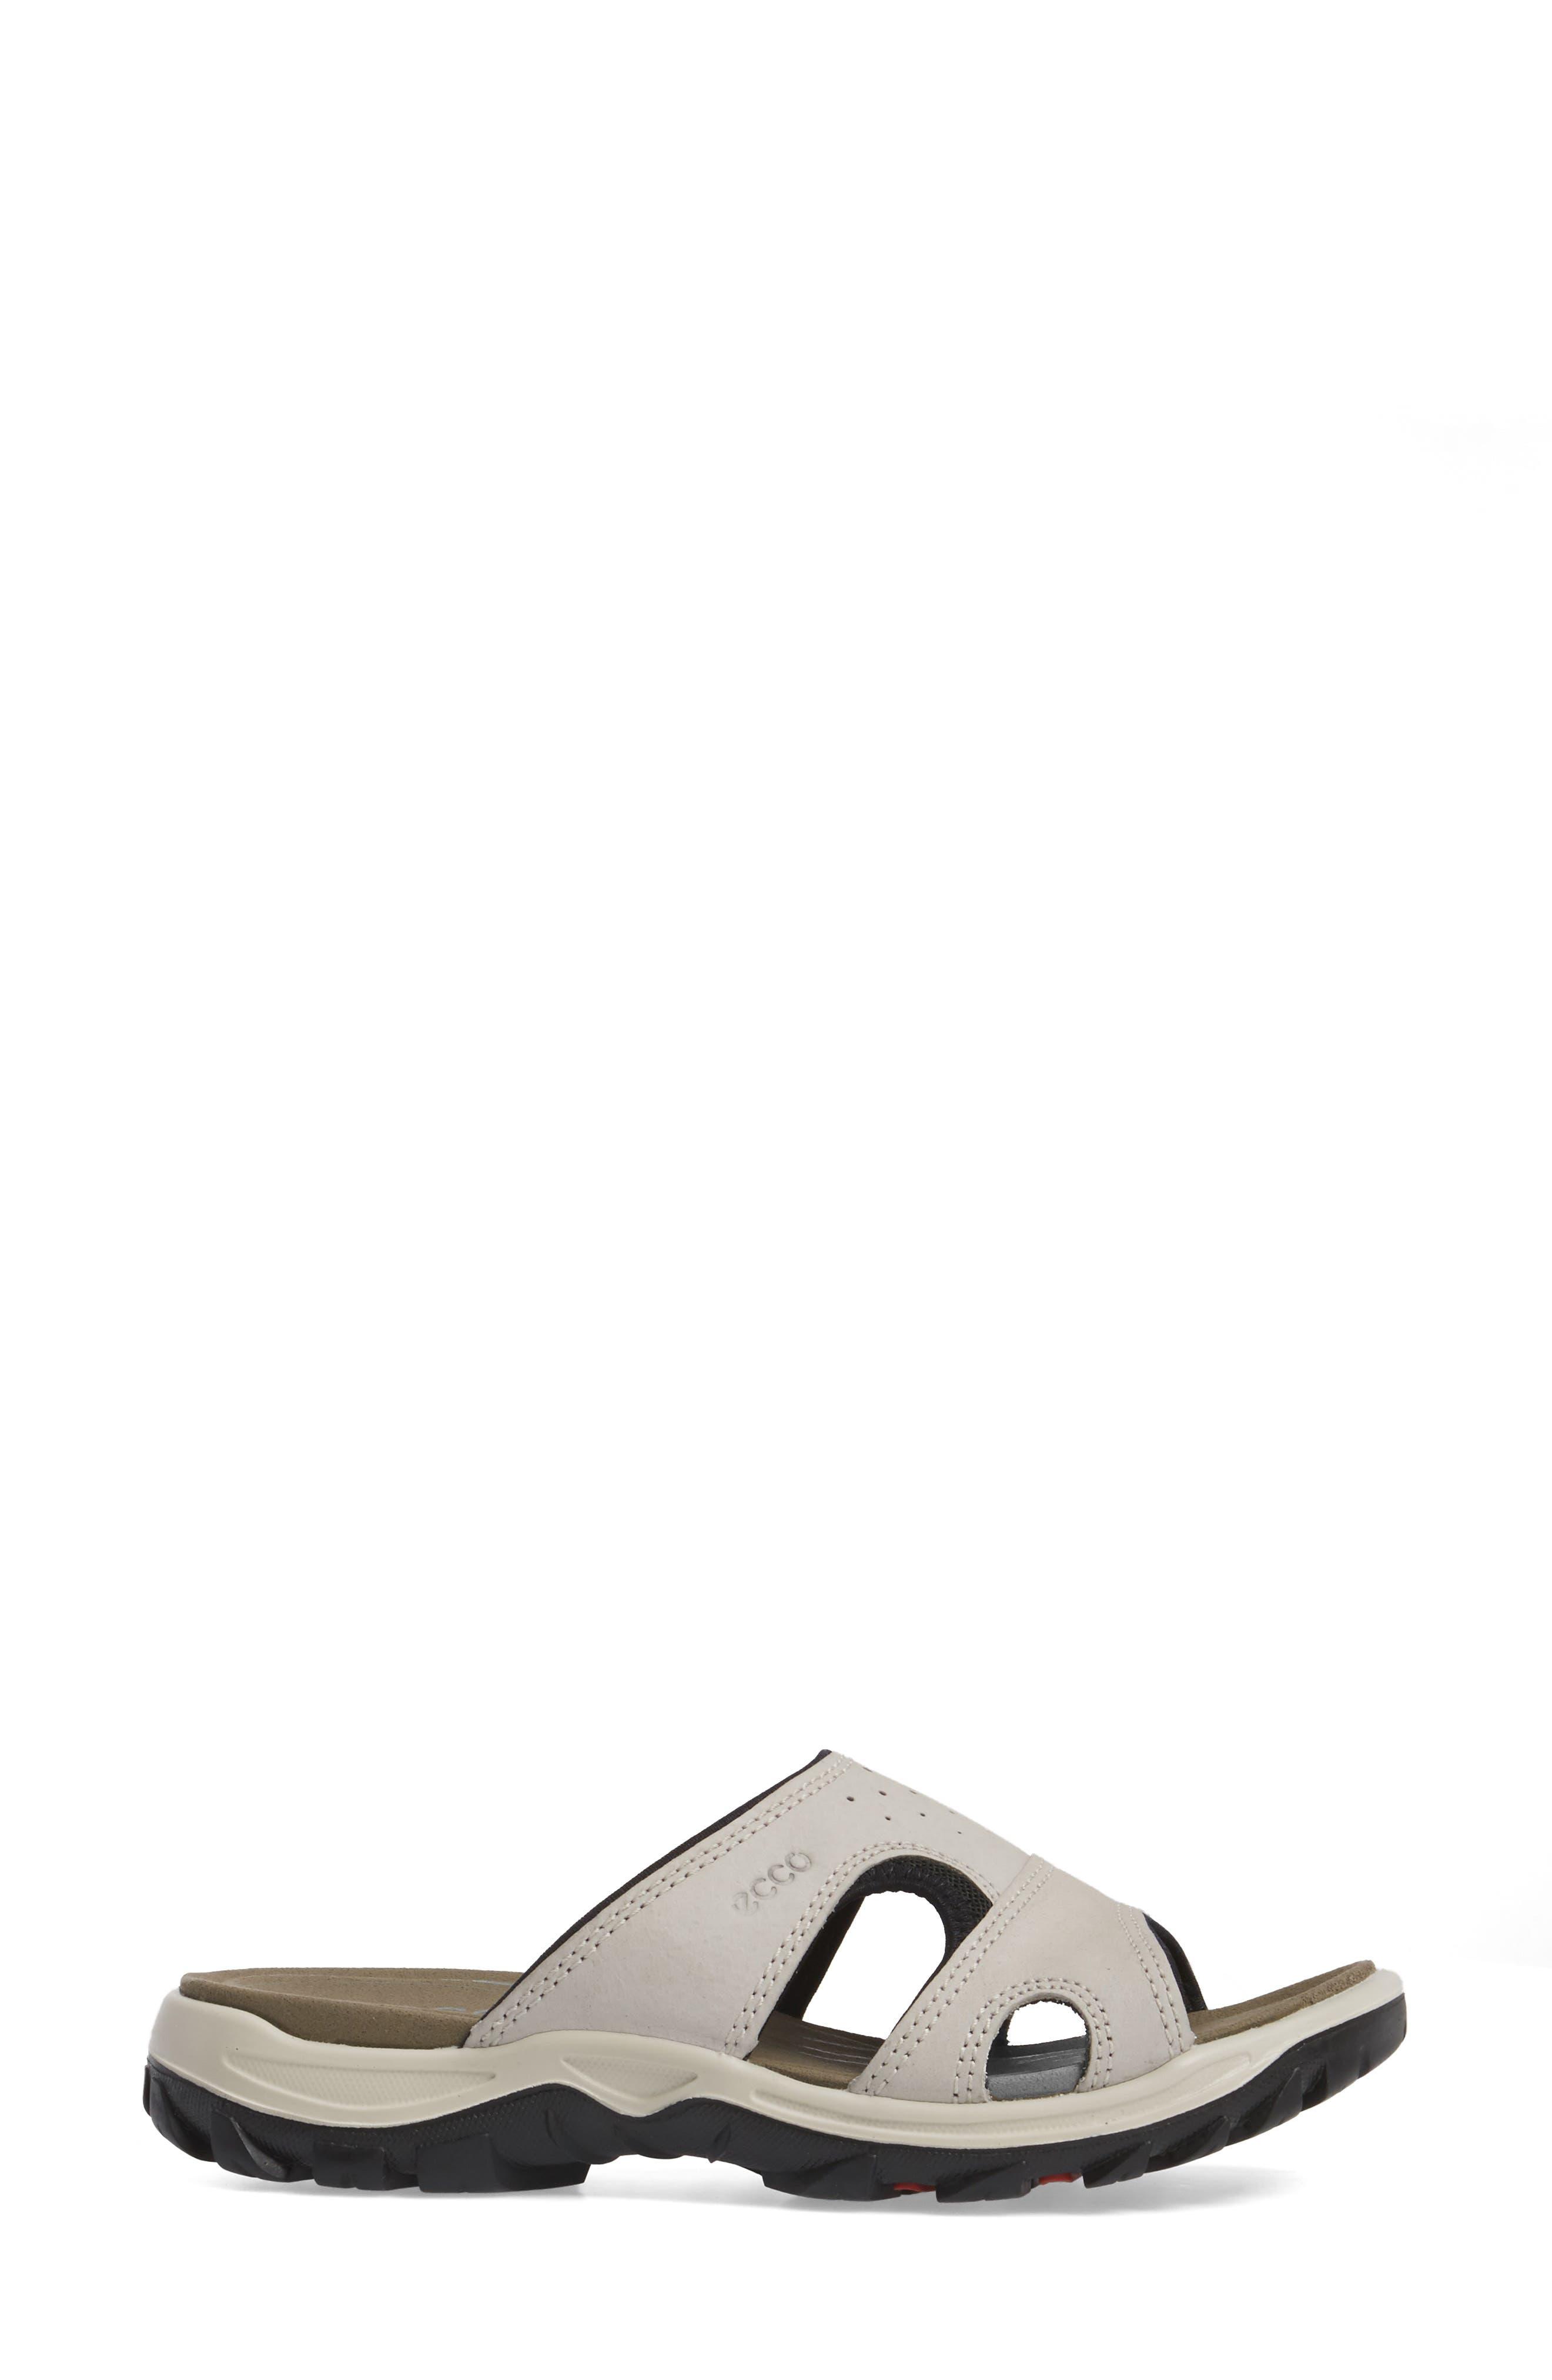 Offroad Lite Slide Sandal,                             Alternate thumbnail 3, color,                             GRAVEL/ BLACK LEATHER